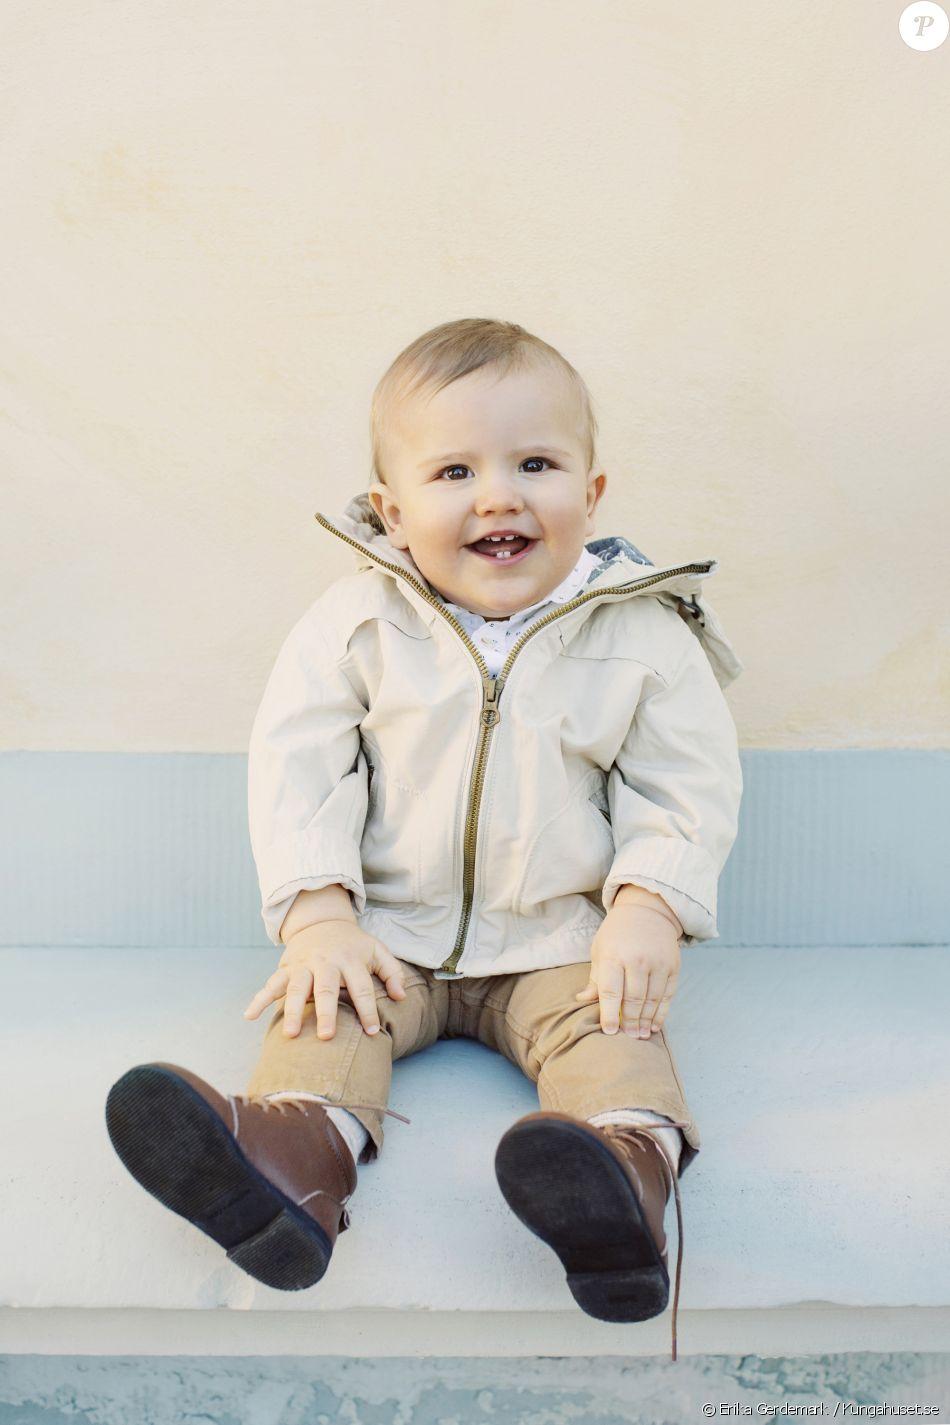 Le prince Alexander de Suède, fils du prince Carl Philip et de la princesse Sofia, photographié toutes quenottes dehors à l'occasion de son premier anniversaire le 19 avril 2017. © Erika Gerdemark / Kungahuset.se